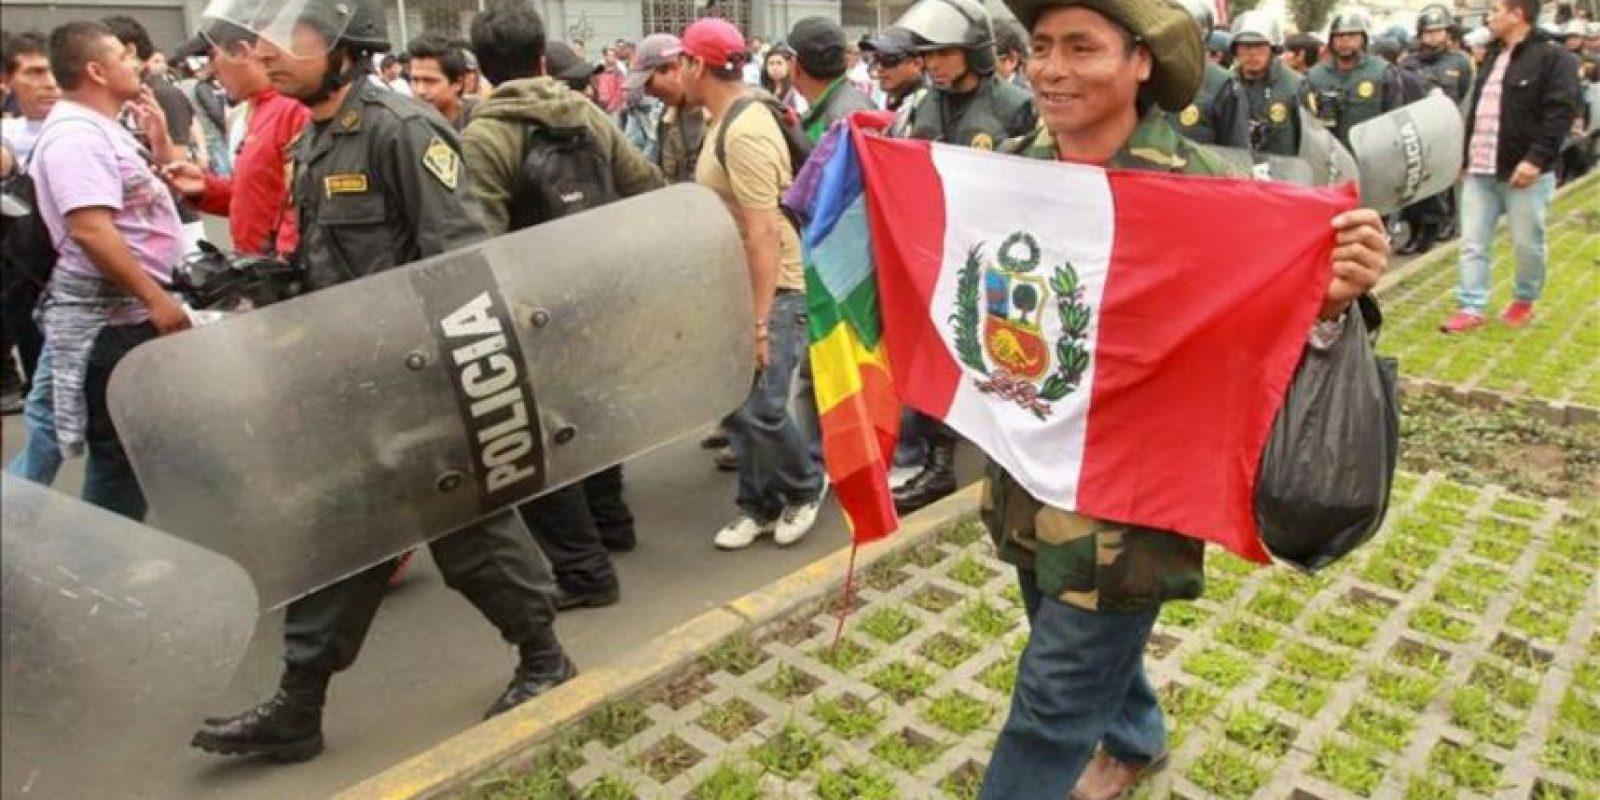 Miembros de la Confederación General de Trabajadores del Perú (CGTP) marchan por las calles escoltados por la Policía en Lima (Perú). EFE